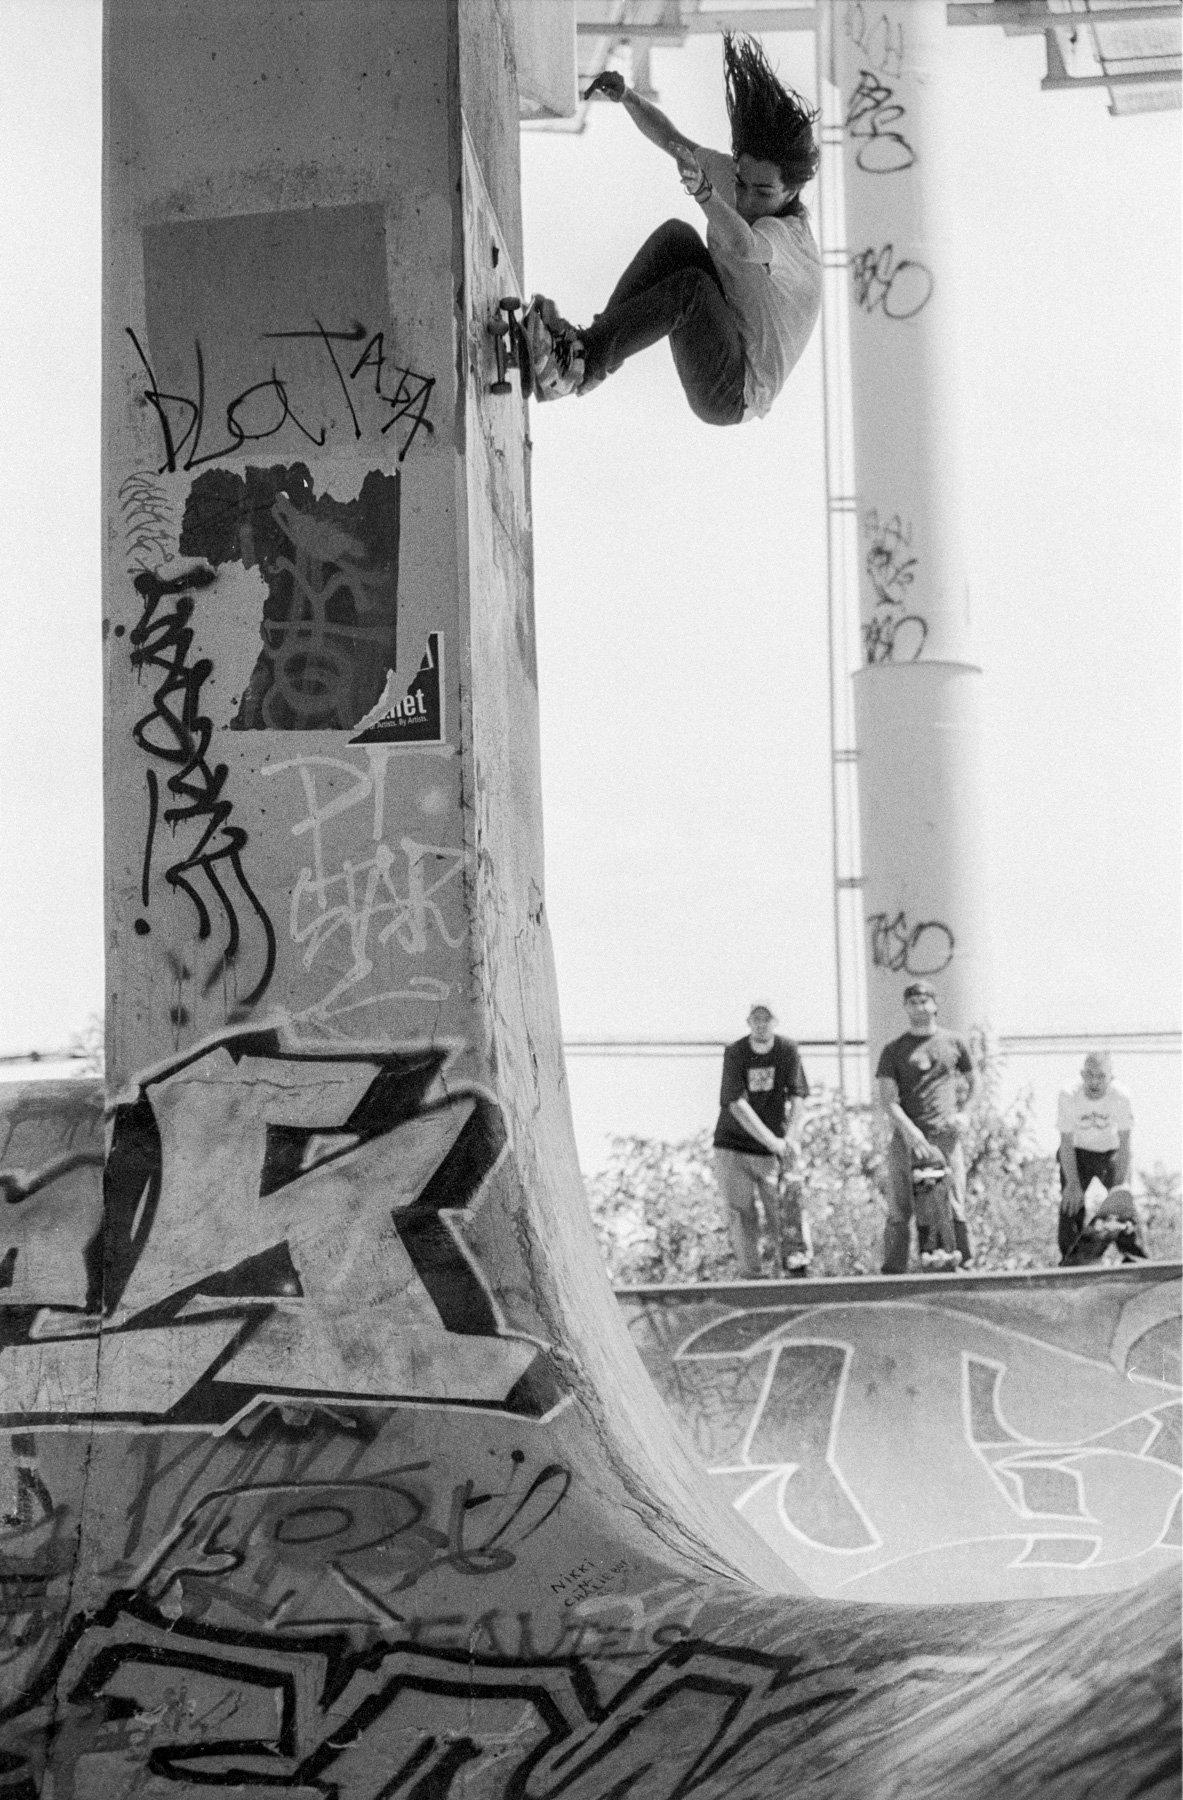 Image of Tony Trujillo, Wall Ride FDR Philadelphia 2003